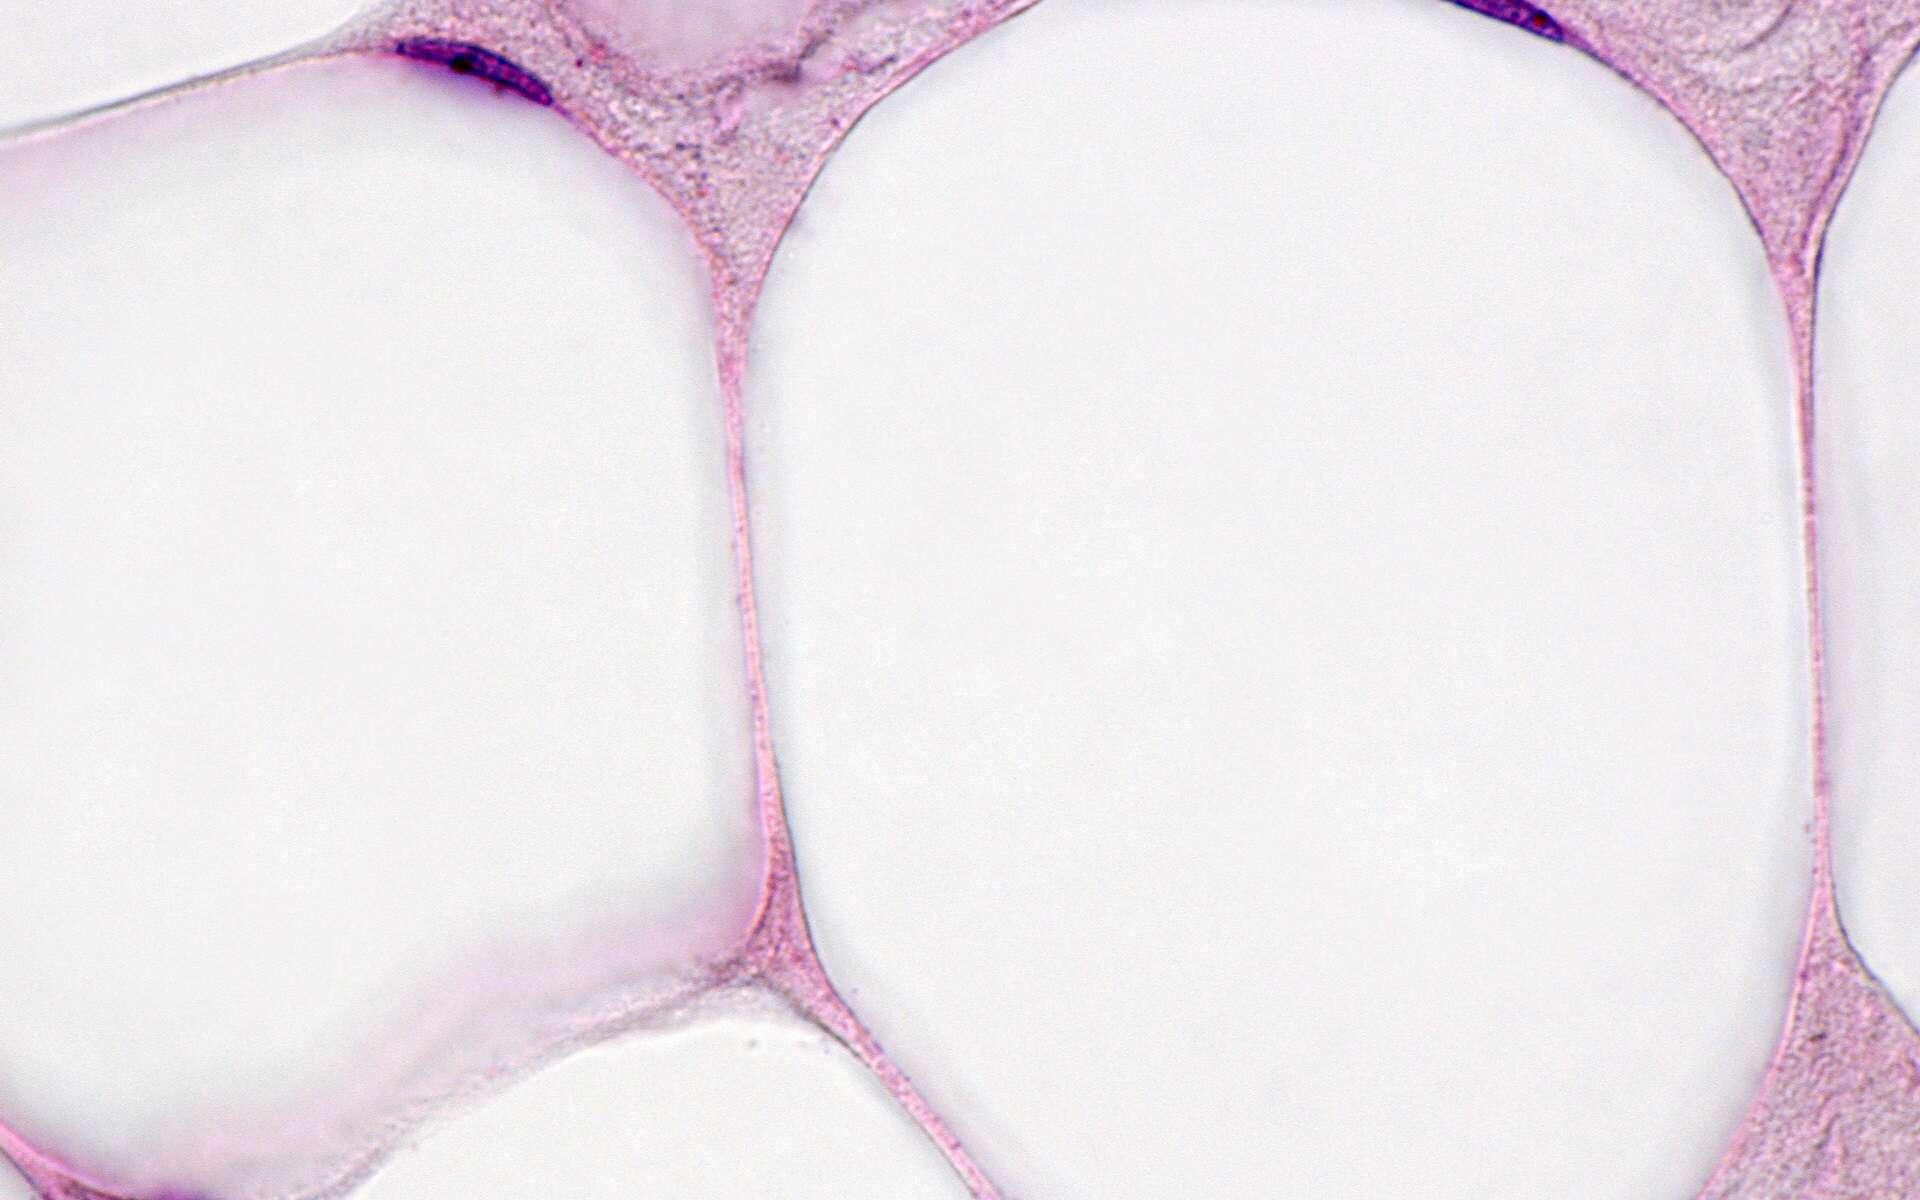 Dans les adipocytes du tissu adipeux blanc, le noyau est repoussé sur le bord à cause d'une grosse goutte de graisse. © Jose Luis Calvo, Shutterstock